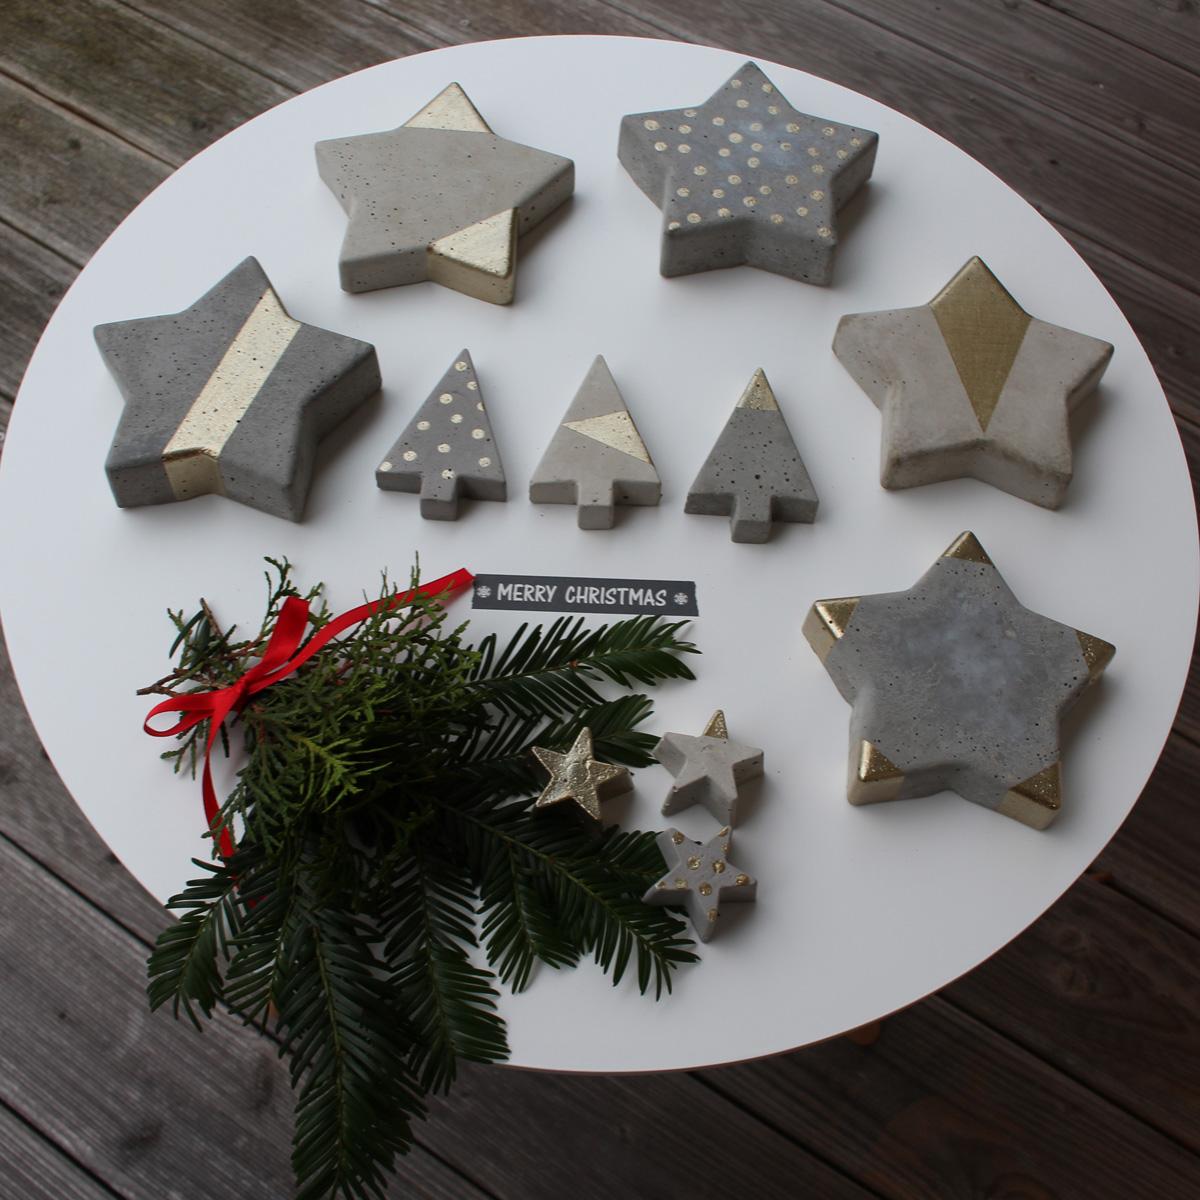 4 freizeiten diy betonsterne frohe weihnachten. Black Bedroom Furniture Sets. Home Design Ideas